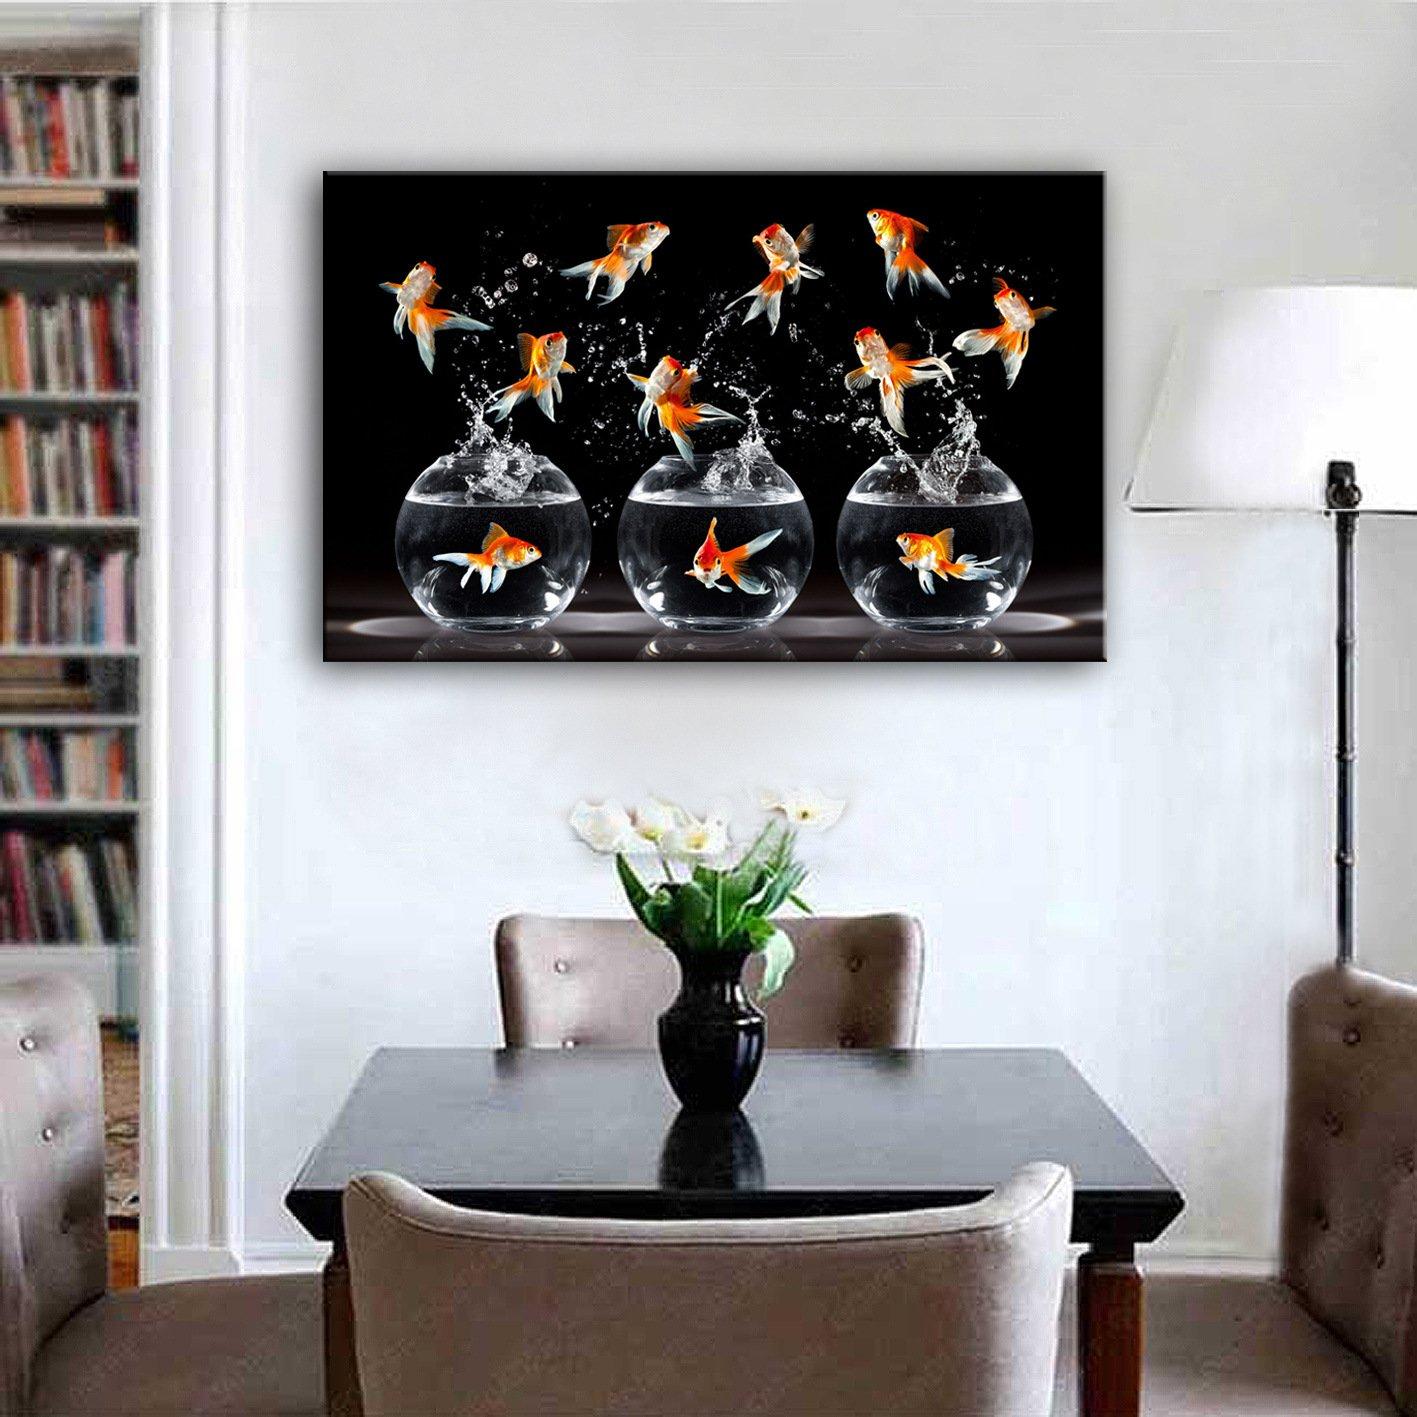 TT&ZHUANGSHI Ausgestreckte Leinwand-Kunst, die eine Goldfisch-Dekoration-Malerei aufprallt, 50  70 B077YNNFDC  | Elegante Form